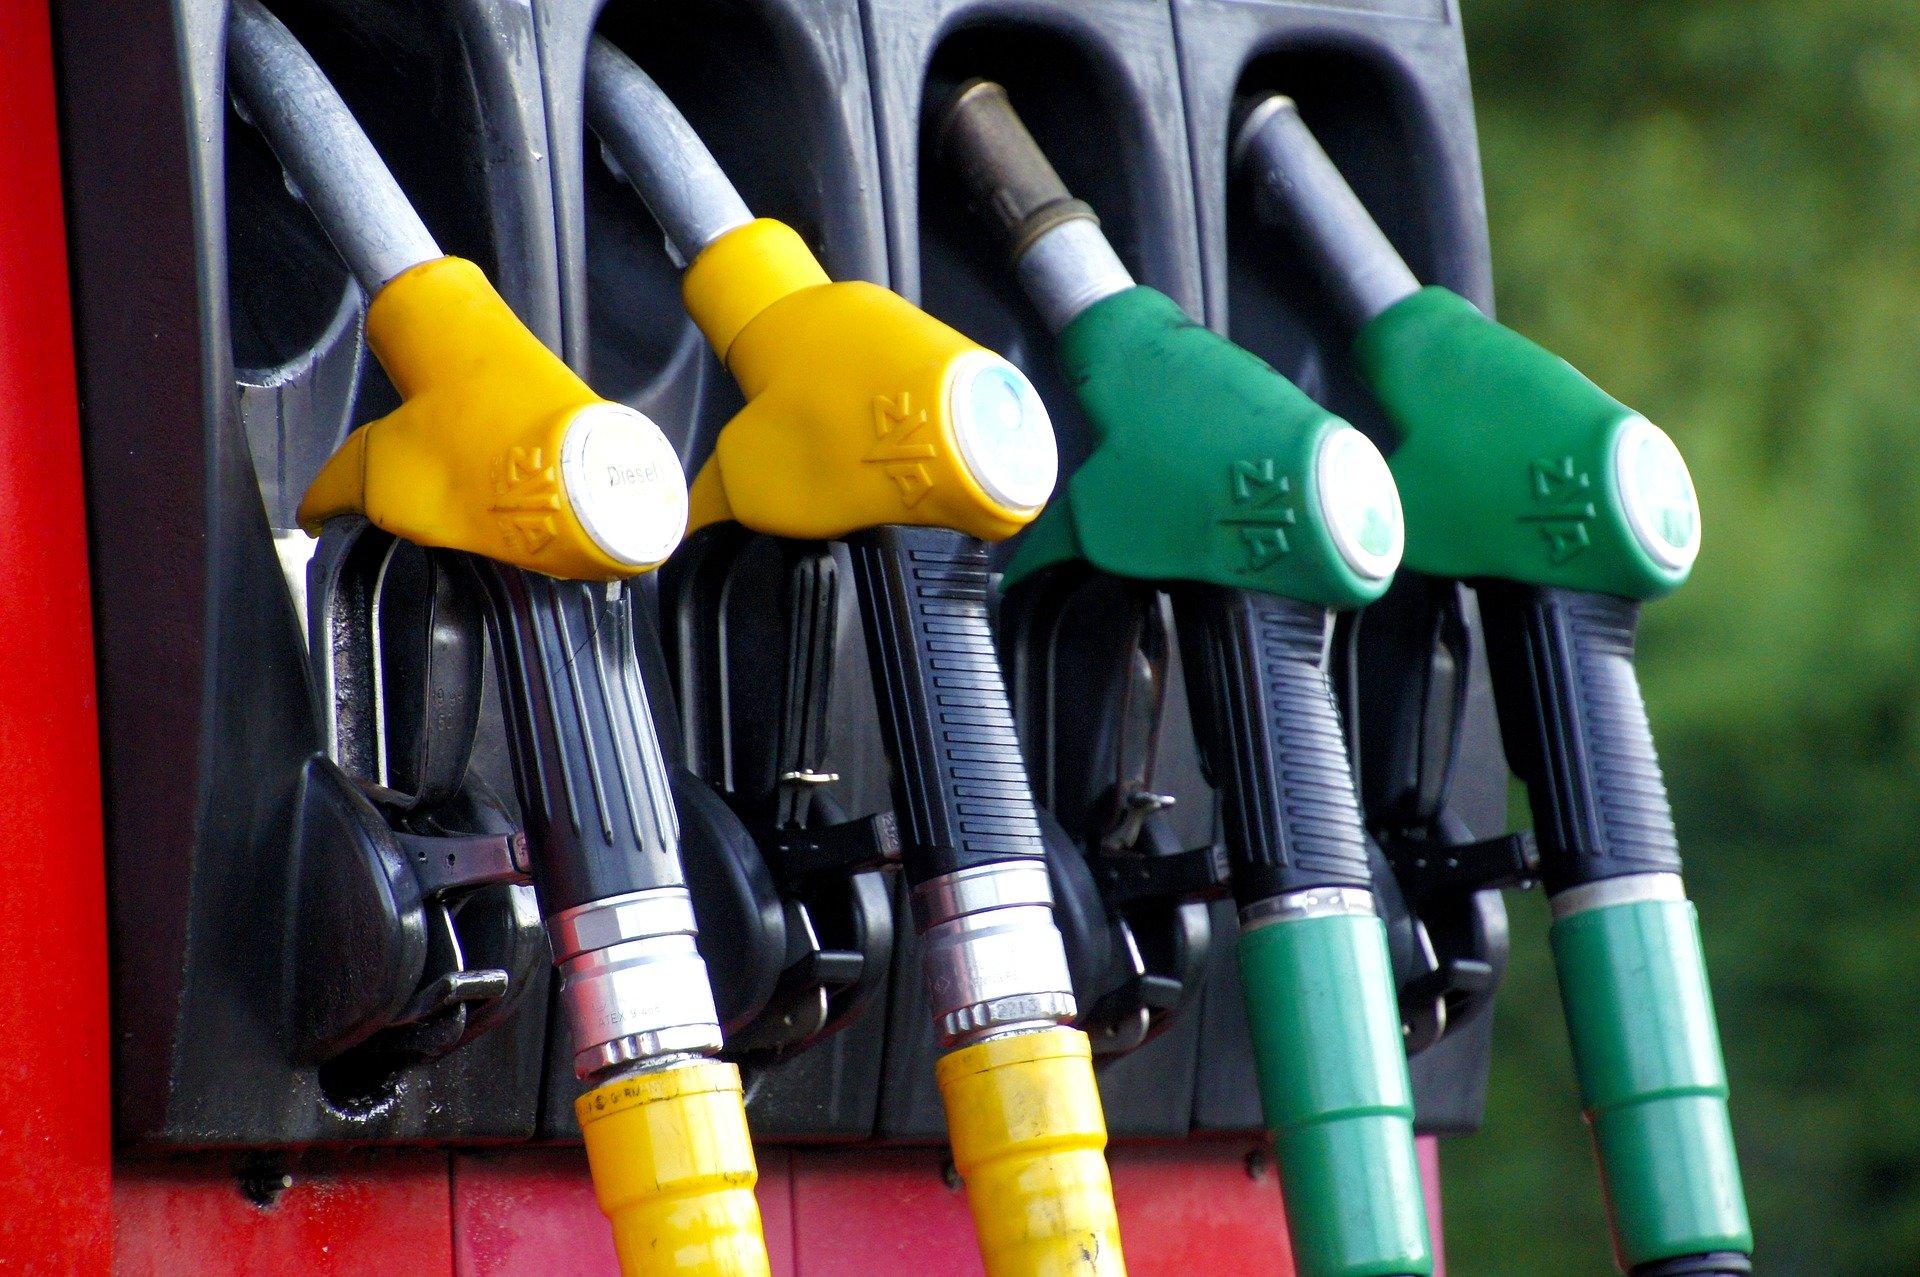 Criminalità predatoria: furto sventato a un distributore di benzina a San Lazzaro di Savena (Bo)